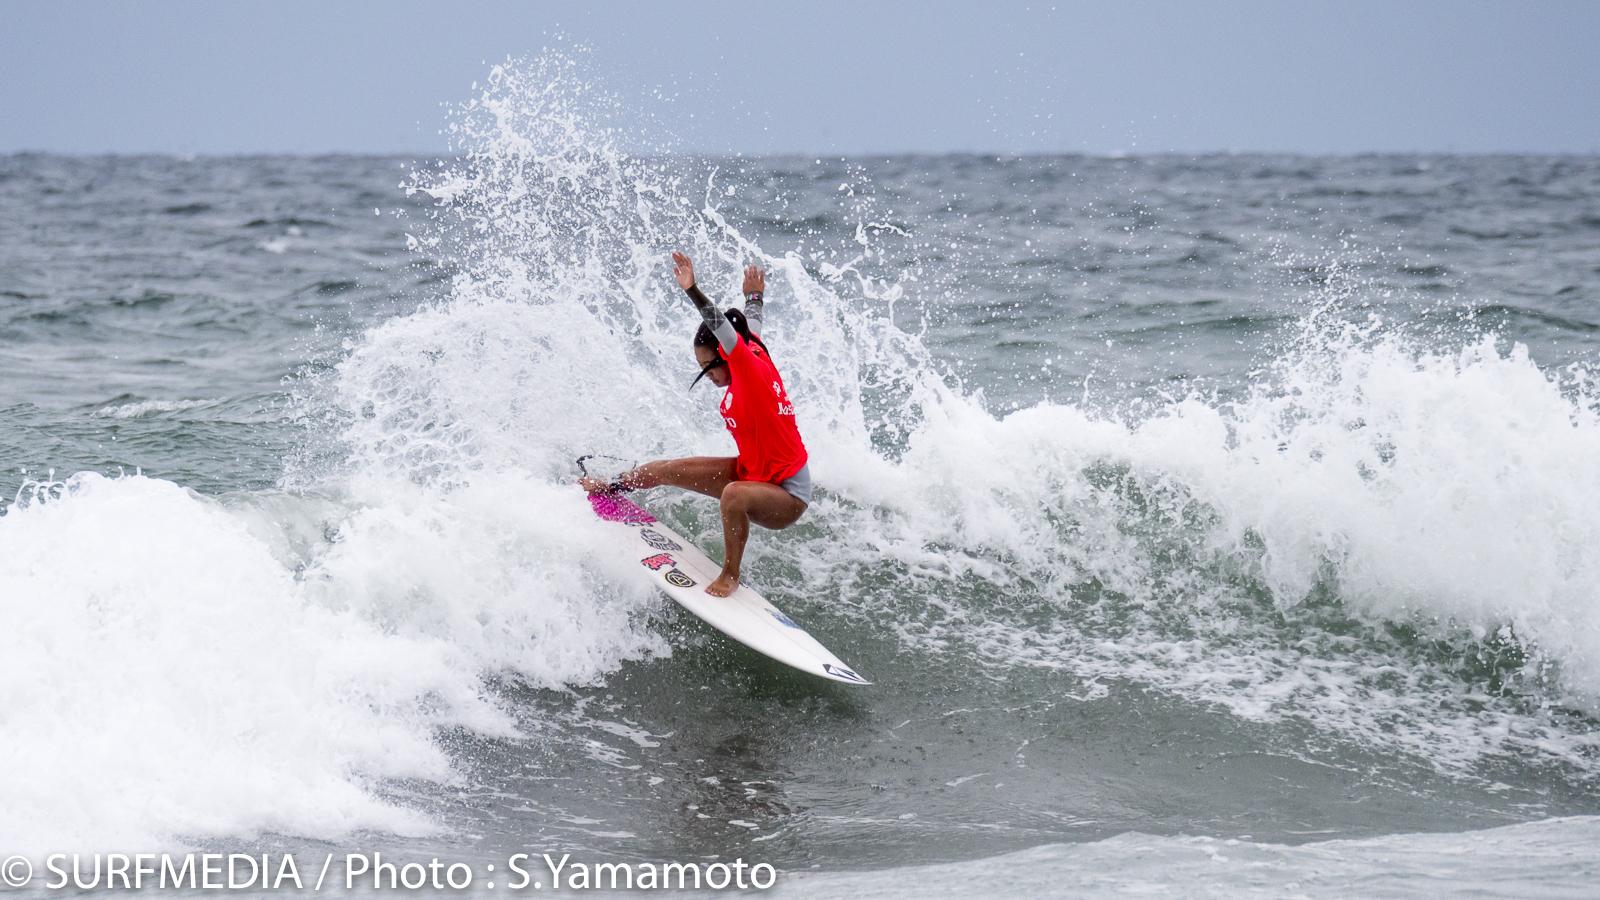 女子の最高点13.73を叩き出した脇田紗良はセミファイナル進出